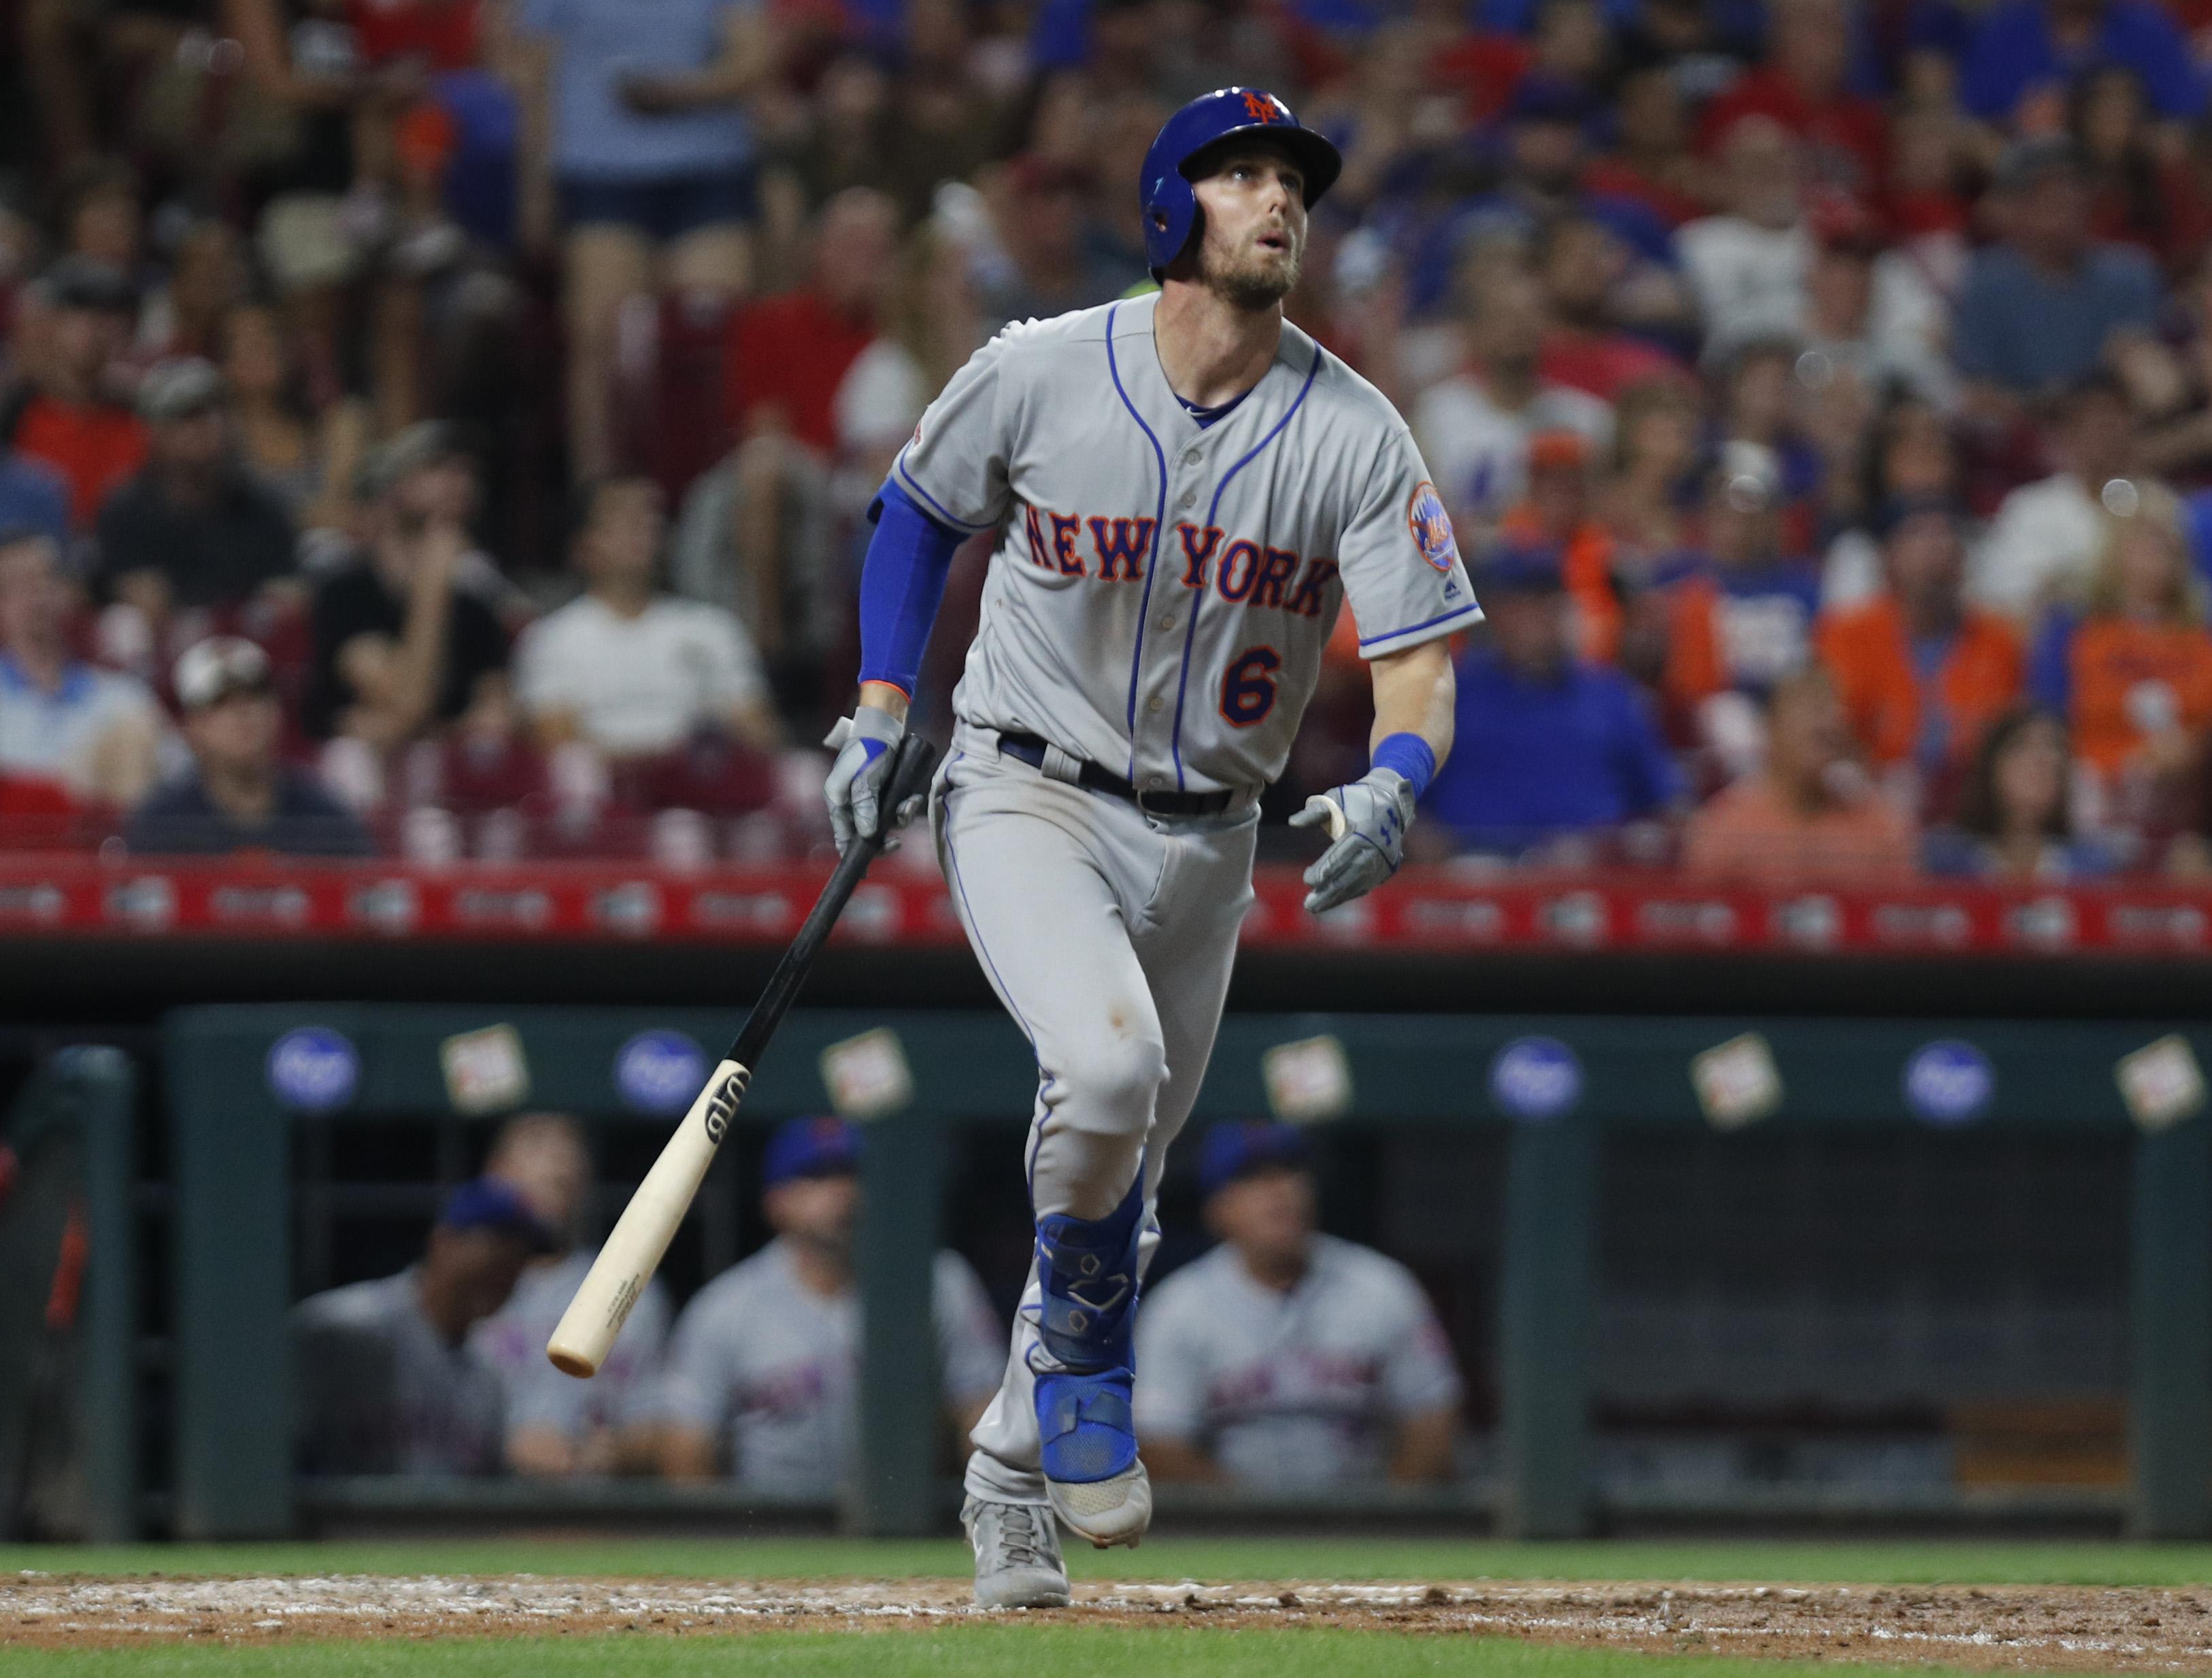 9/21/19 Game Preview: New York Mets at Cincinnati Reds